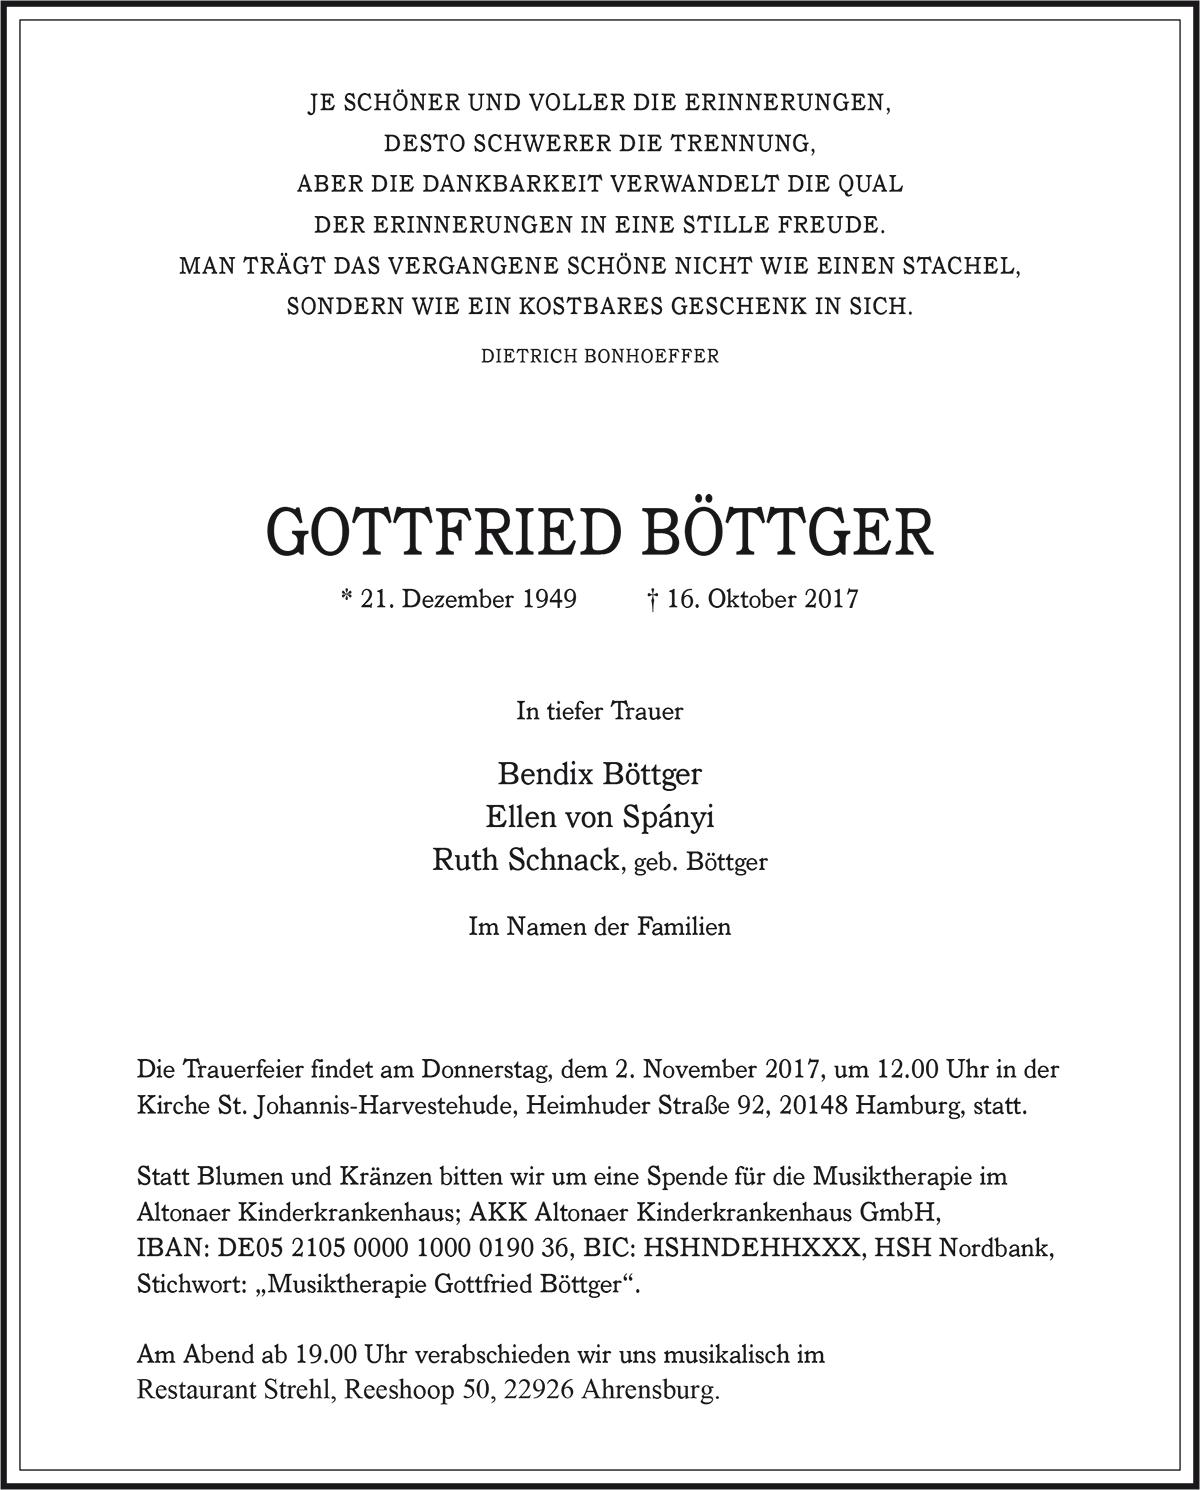 Traueranzeige Gottfried Böttger